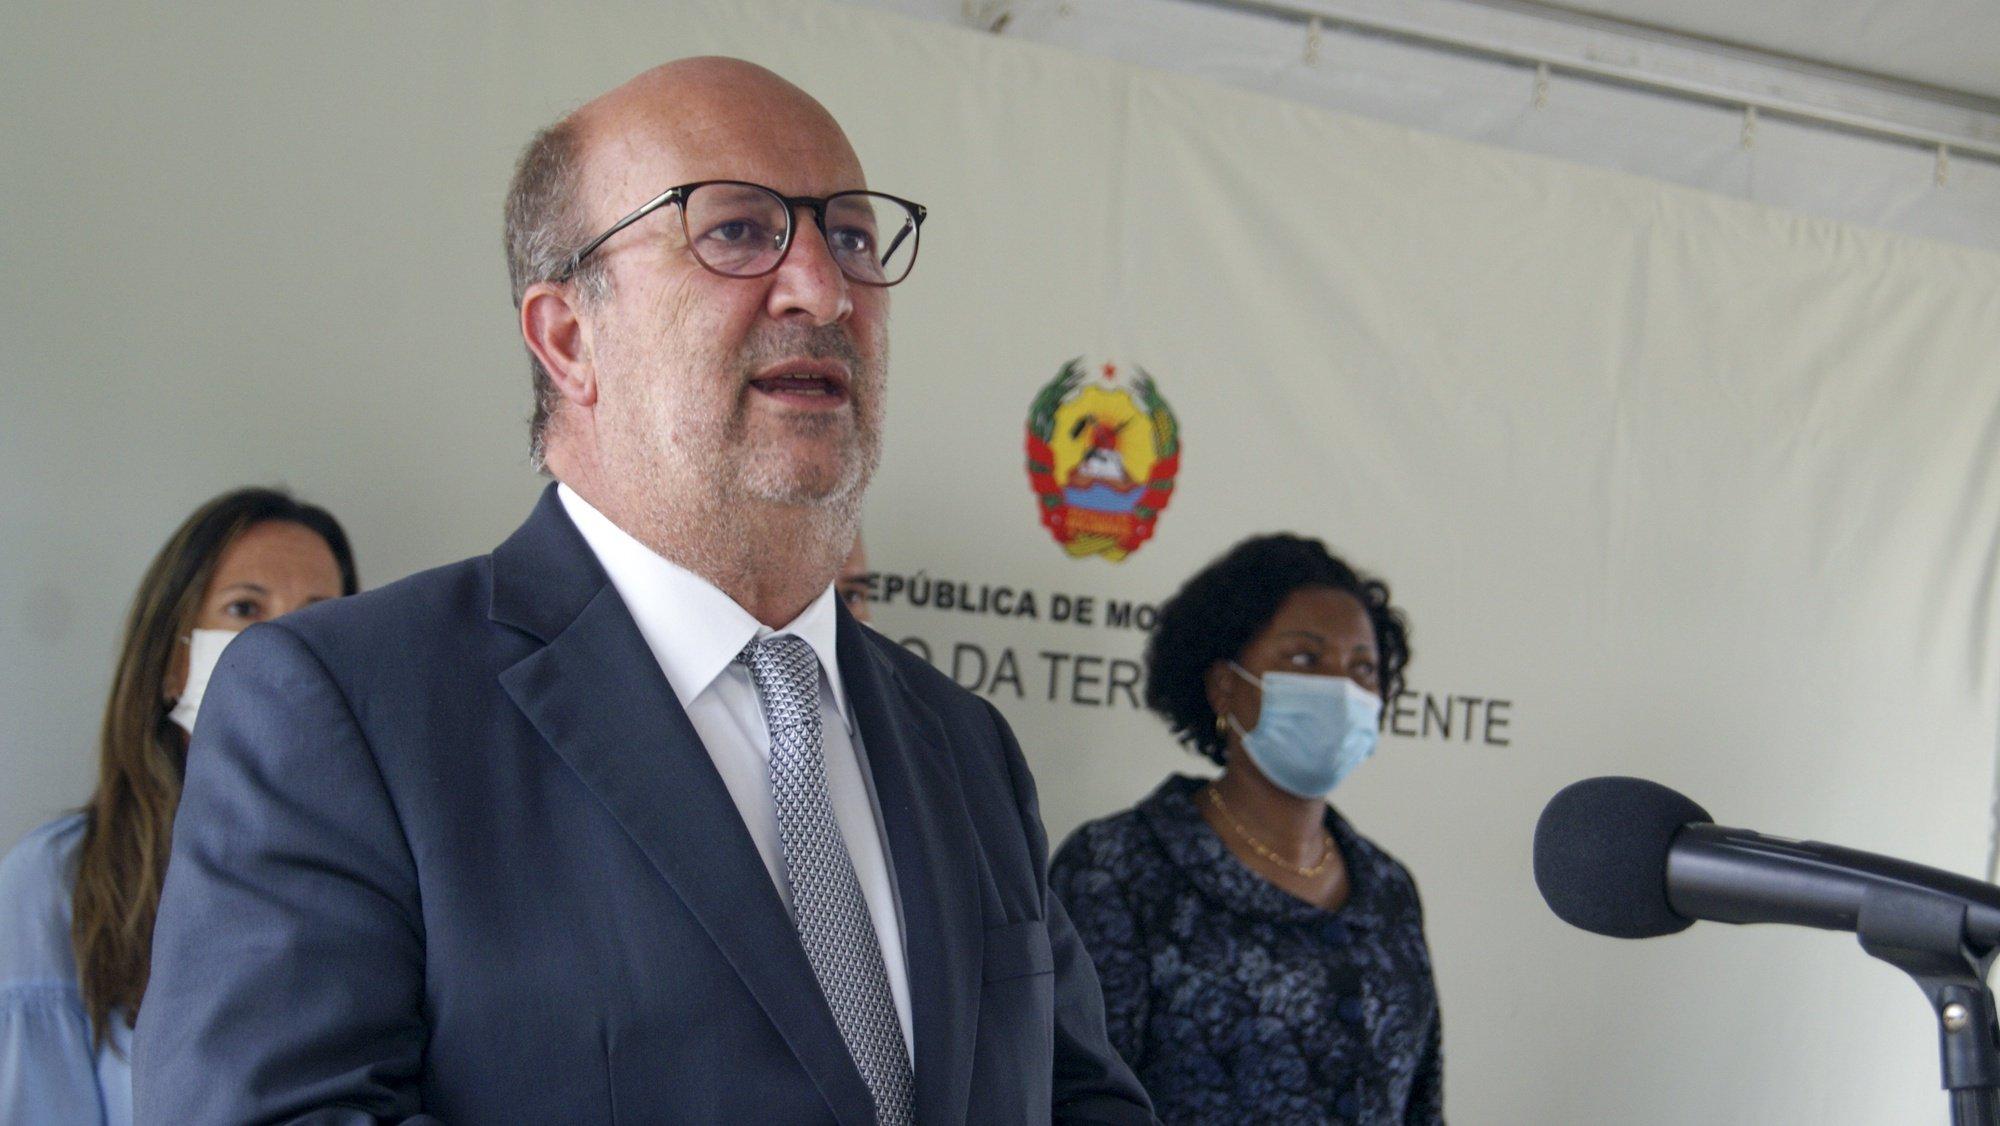 João Pedro Matos Fernandes, ministro do Ambiente e da Ação Climática português, discursa durante o encontro com a ministra da Terra e Ambiente de Moçambique, em Maputo, Moçambique, 16 de setembro de 2021. João Pedro Matos Fernandes está desde quarta-feira em Moçambique, numa visita de quatro dias. (ACOMPANHA TEXTO). LUÍSA NHANTUMBO/LUSA